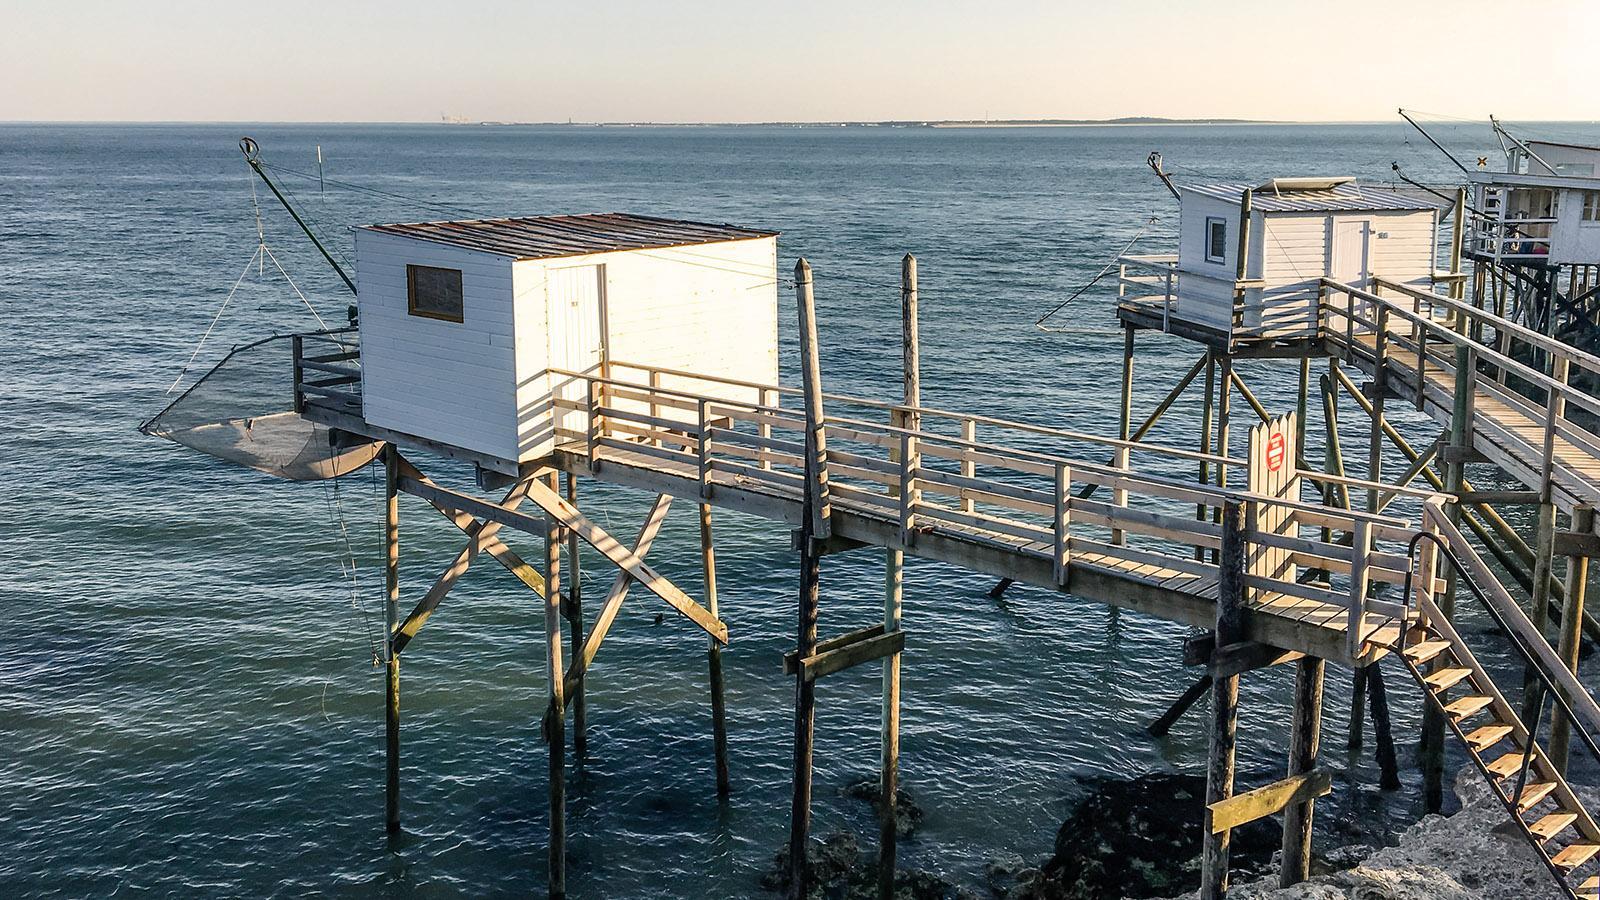 Die carrelets von Royan haben inzwischen fast durchgängig die Nutzung von Fischerei auf Freizeit geändert. Foto: Hilke Maunder